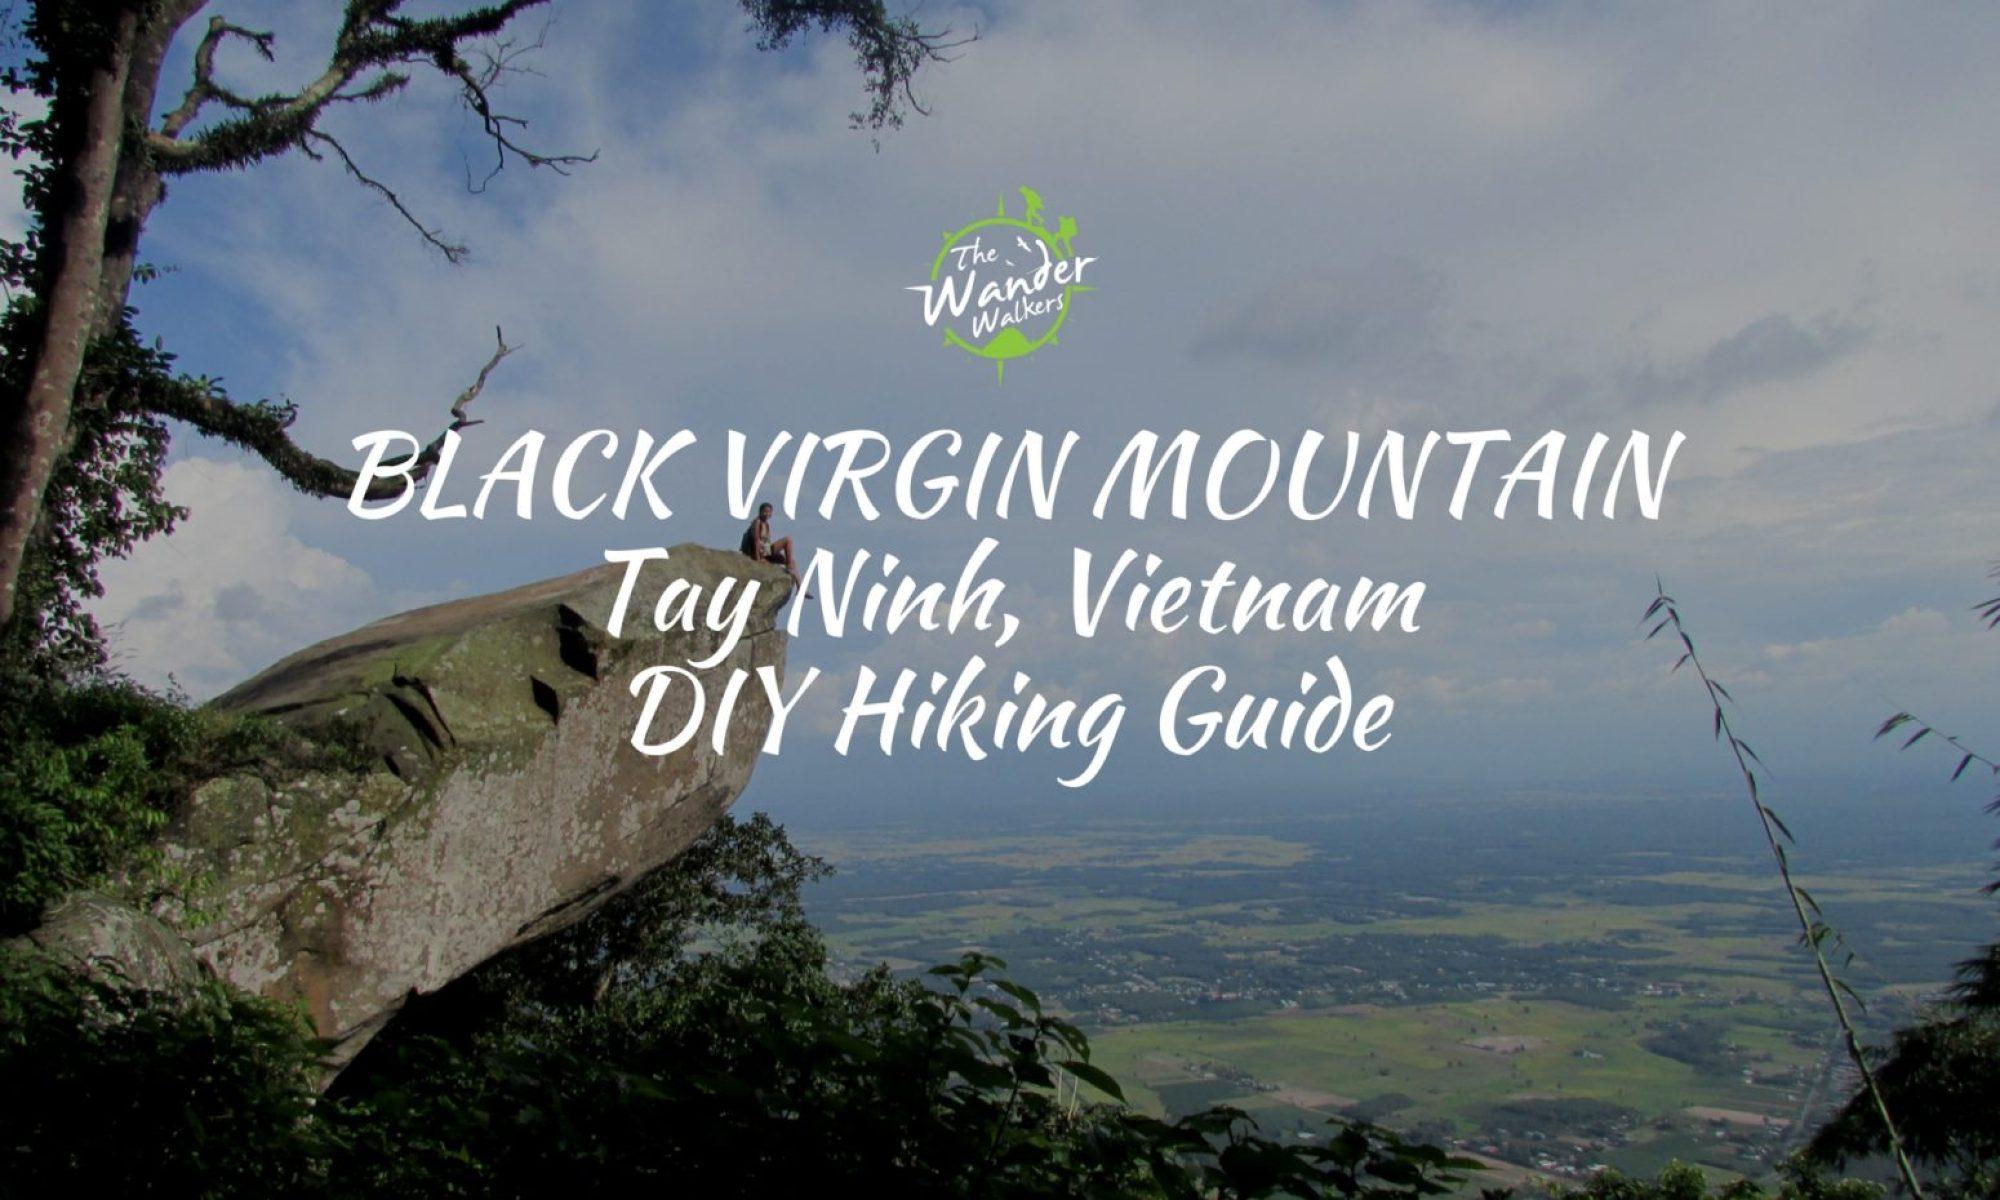 Black Virgin Mountain